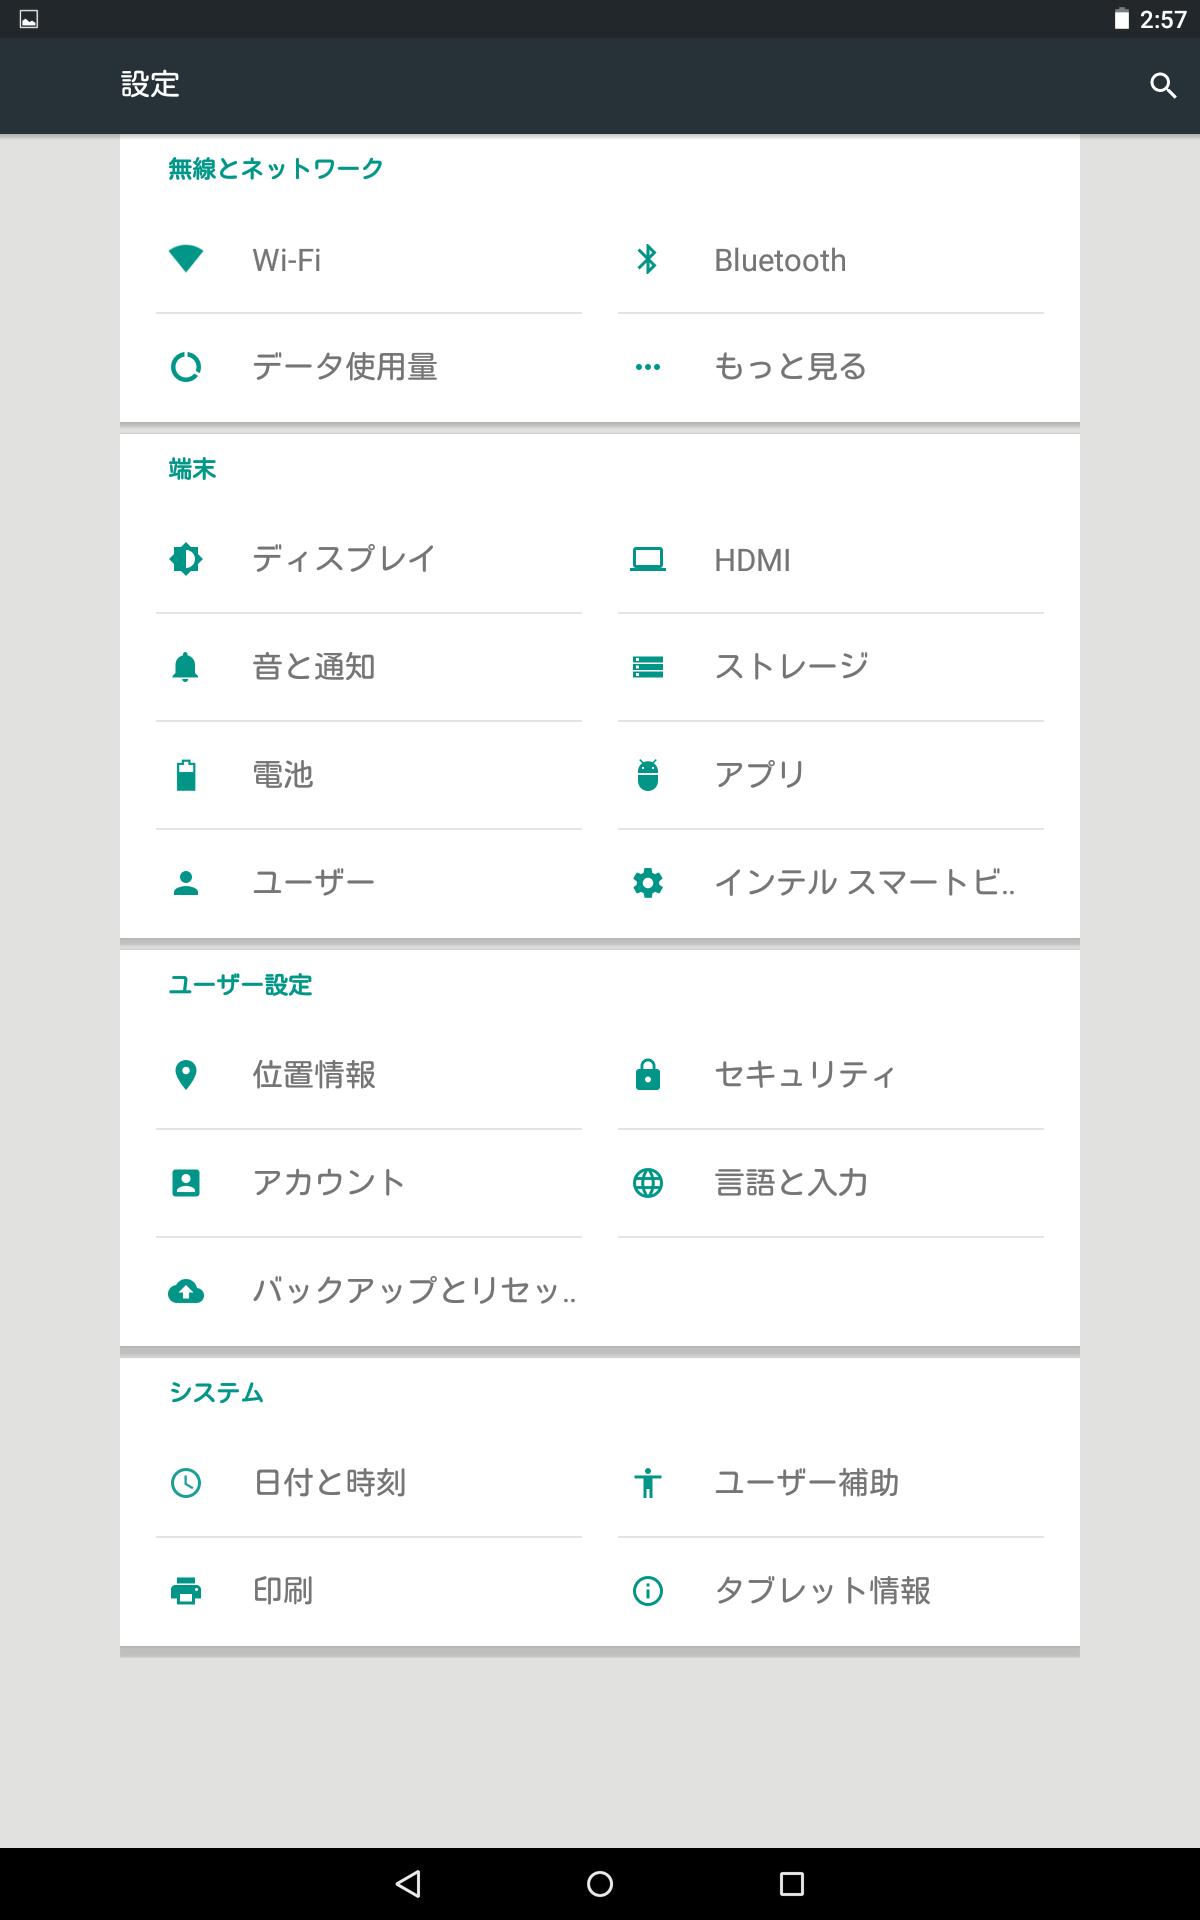 全部日本語になった